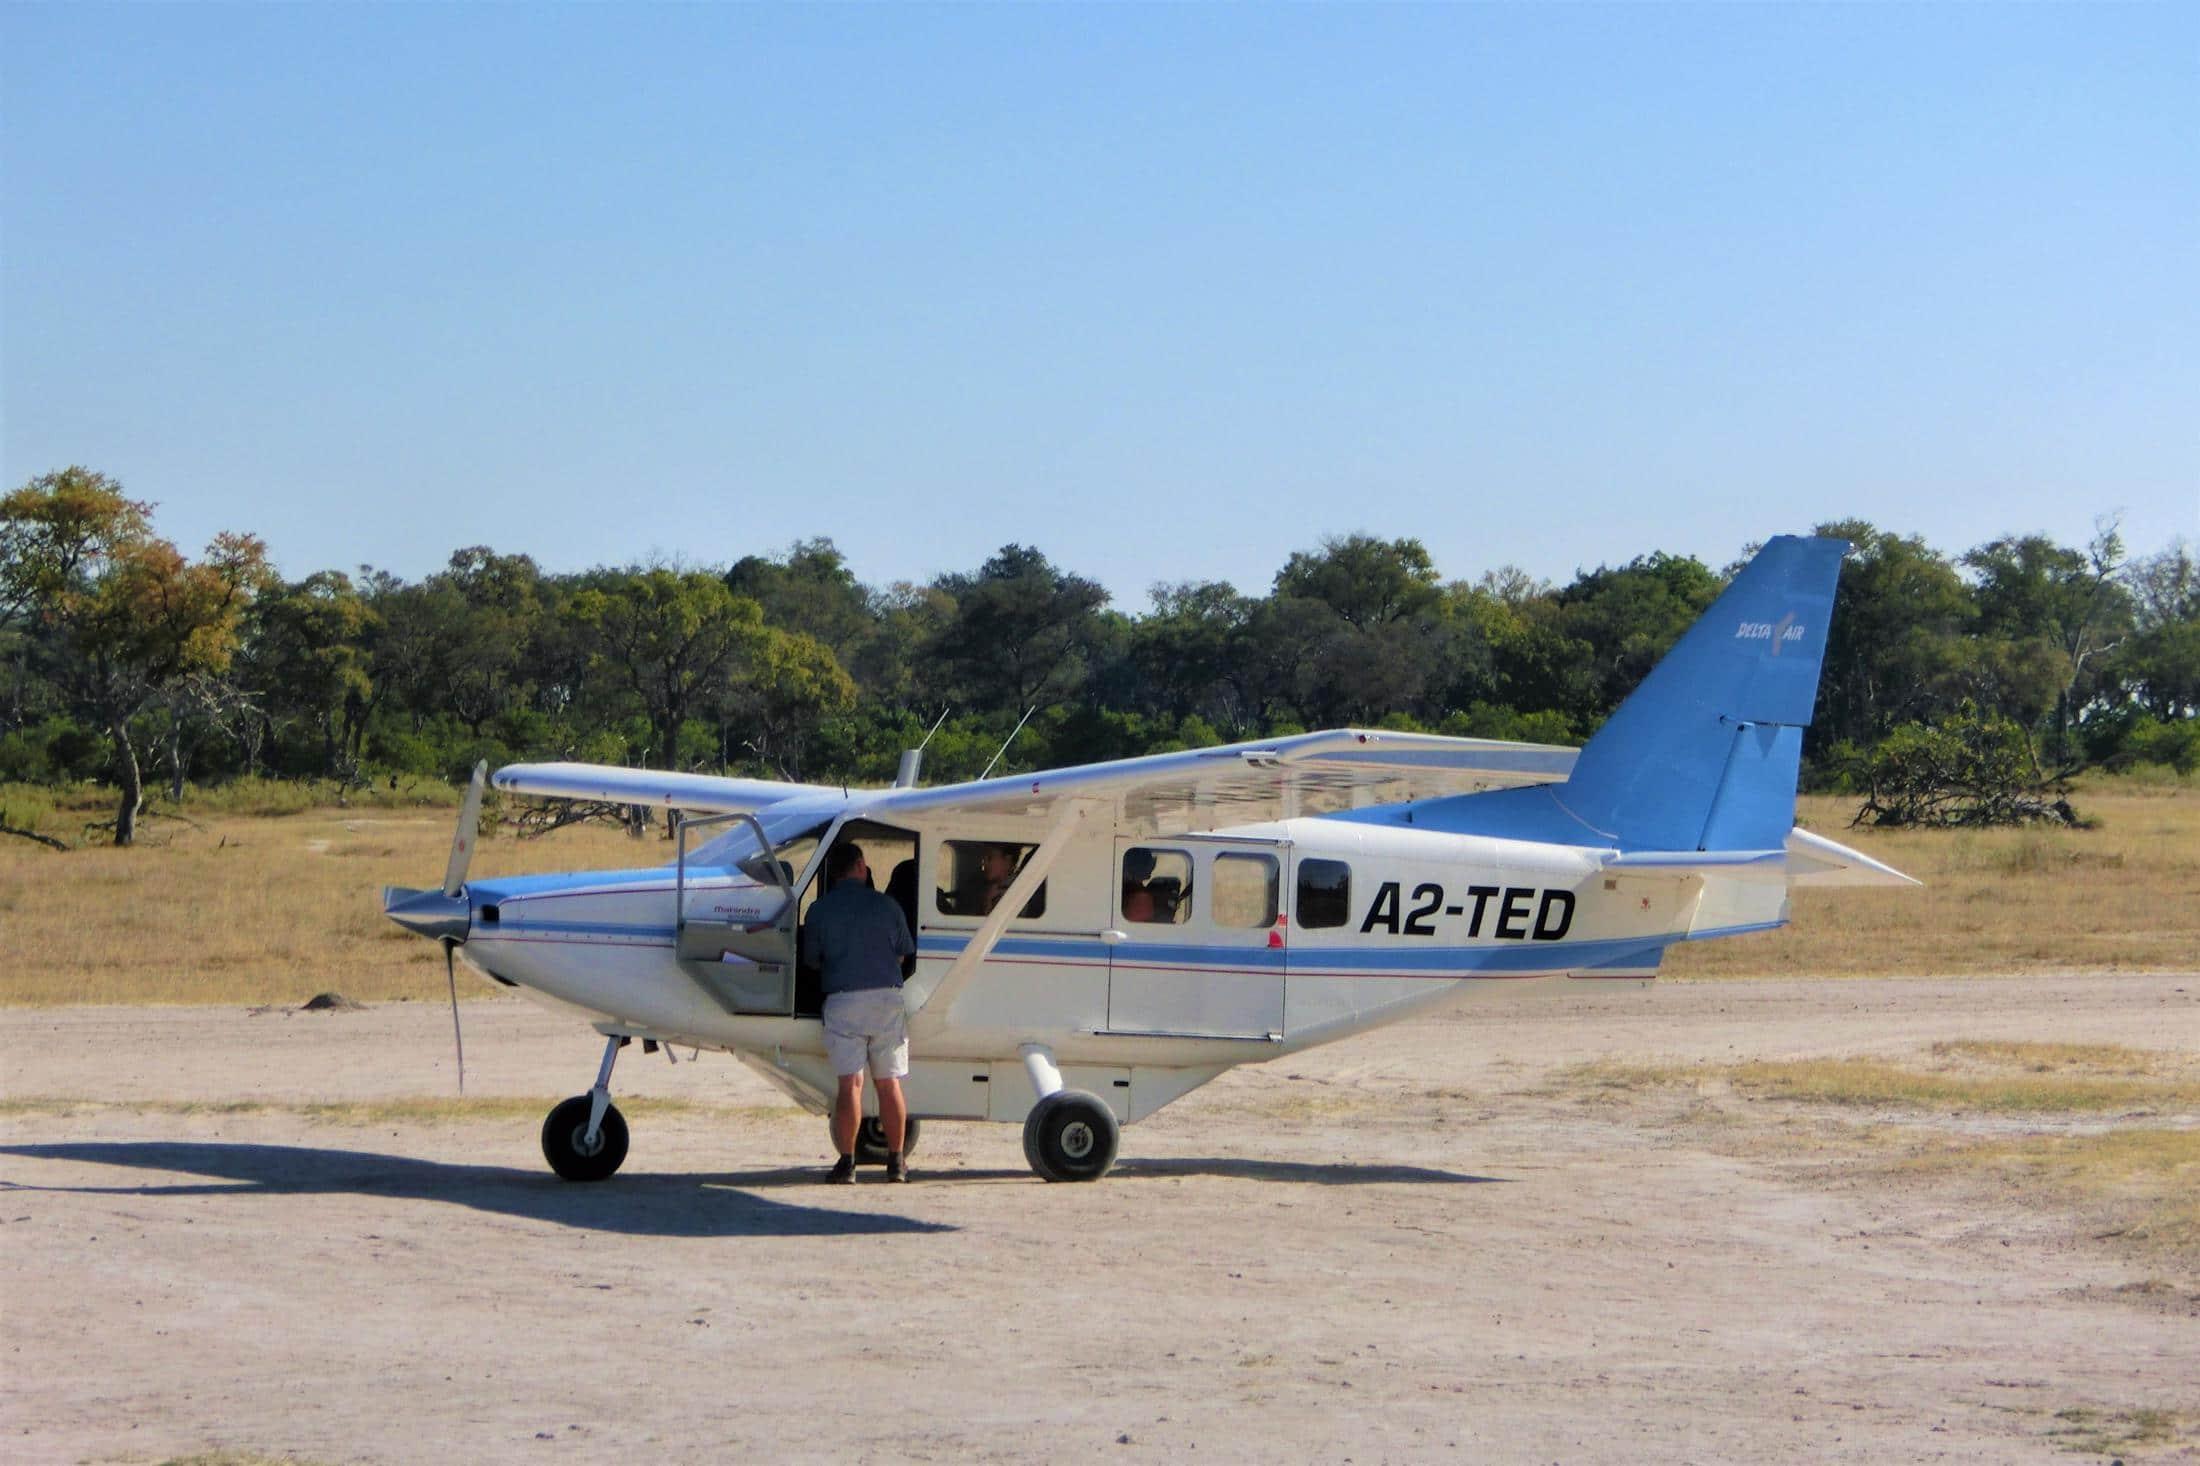 Safari reizen Botswan - Okavango Delta - Fly-in safari vliegtuig